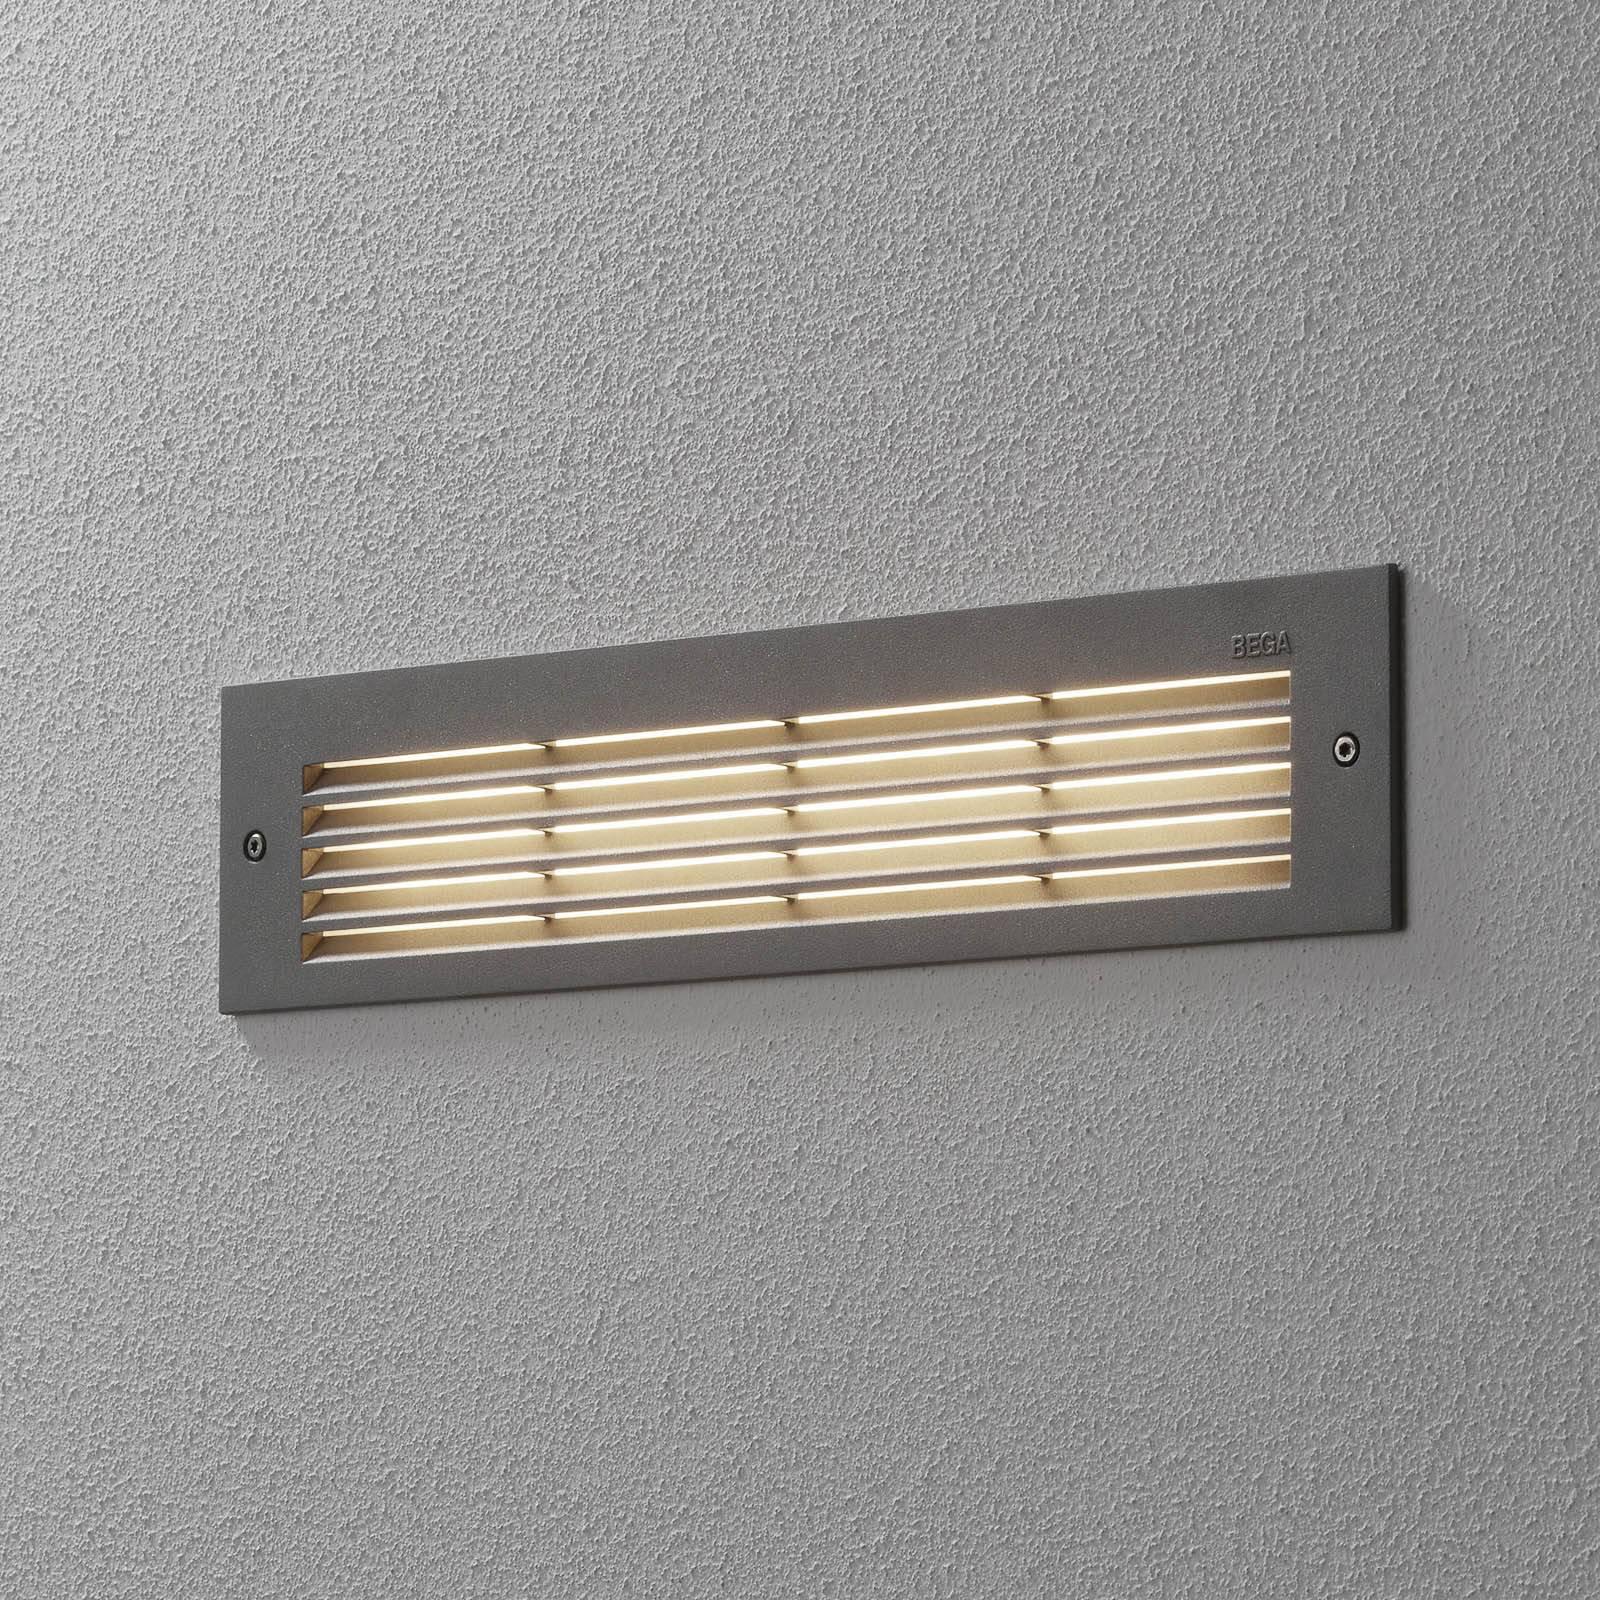 BEGA 33019 LED-veggmontering 3 000 K sølv 32 cm